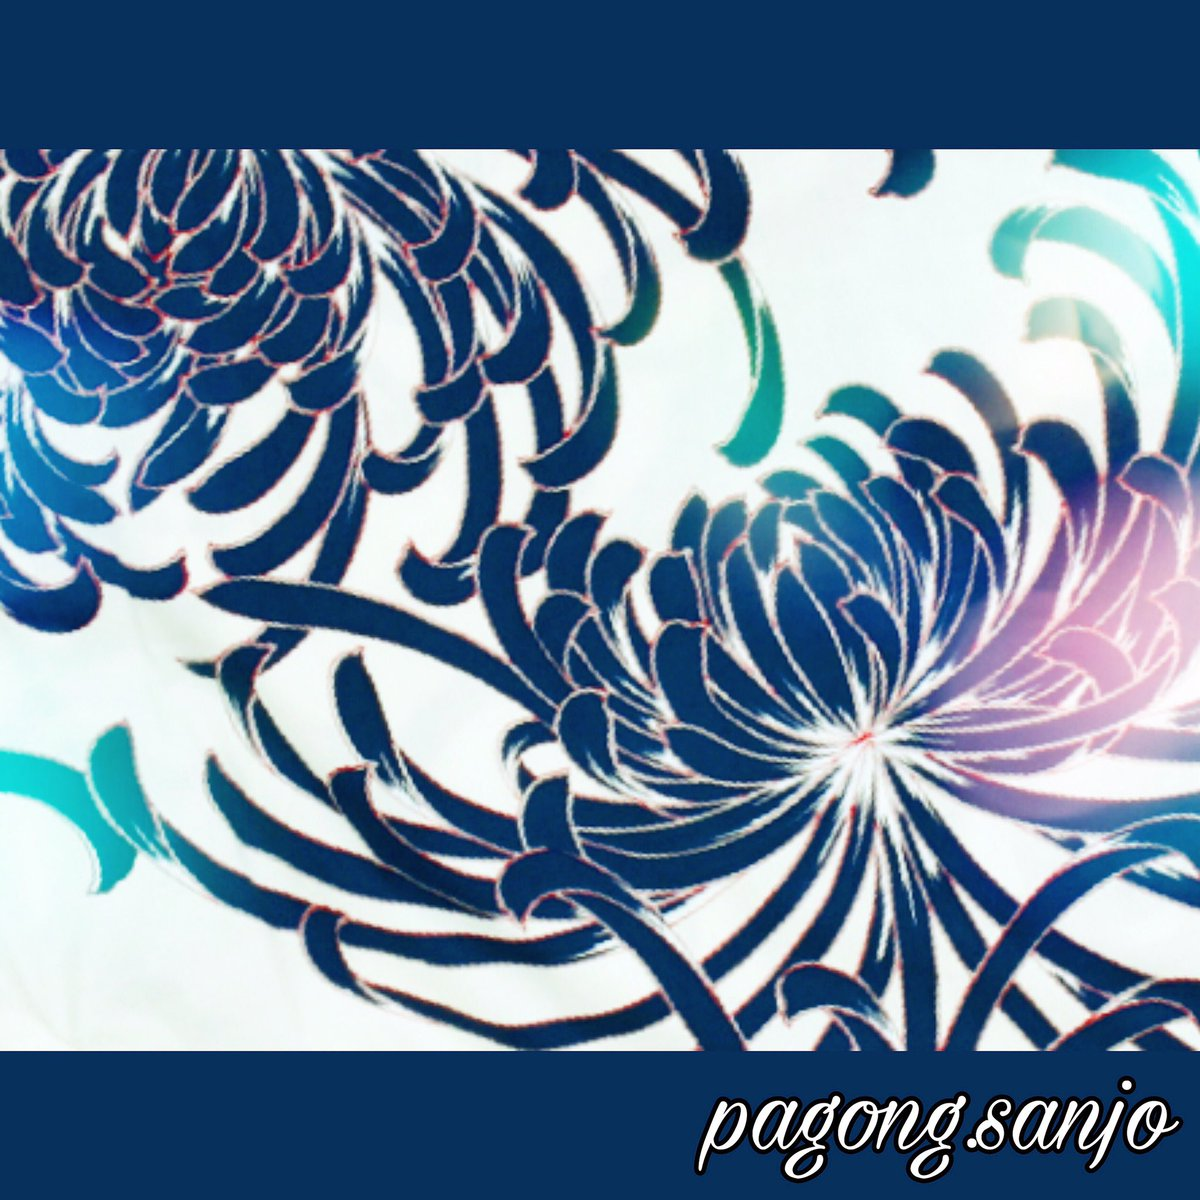 本日9月9日 は『 #重陽の節句 』ですね!#菊 を用いて #不老長寿 をお祝いする事から『 #菊の節句 』とも言われています。#パゴン にもたくさんの菊柄がありますが、中でもこの「 #乱菊 」は代表的な柄の1つです! #chrysanthemum #pagong #着物 #kimono #和柄 #京都 #kyoto  https://instagram.com/p/B2MOcM_AxZh/